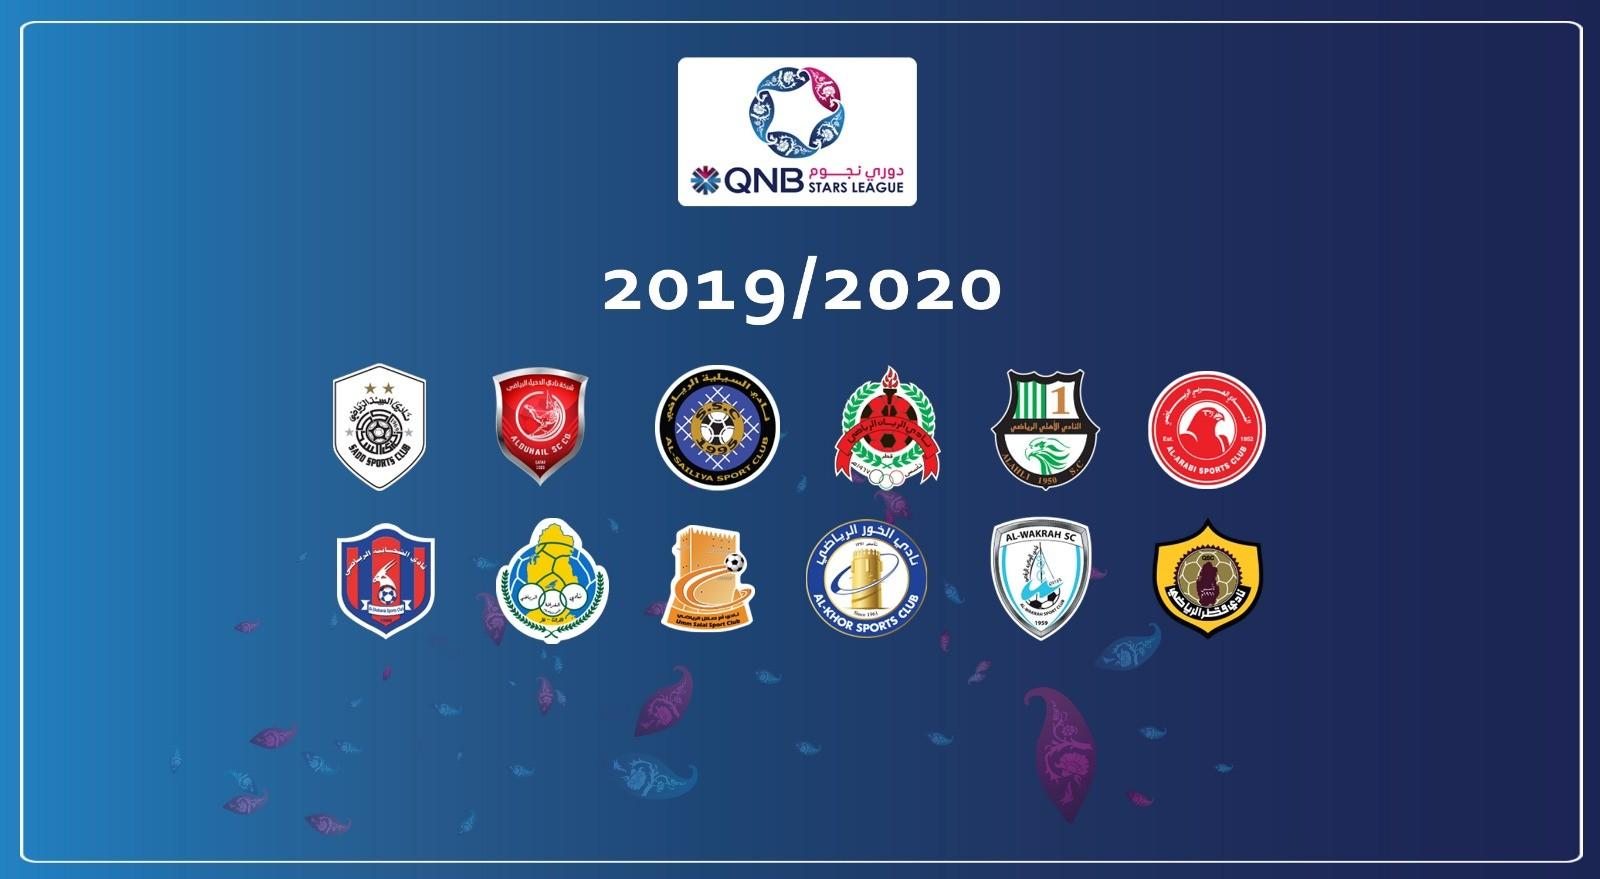 QNB Stars League clubs in 2019-20 season